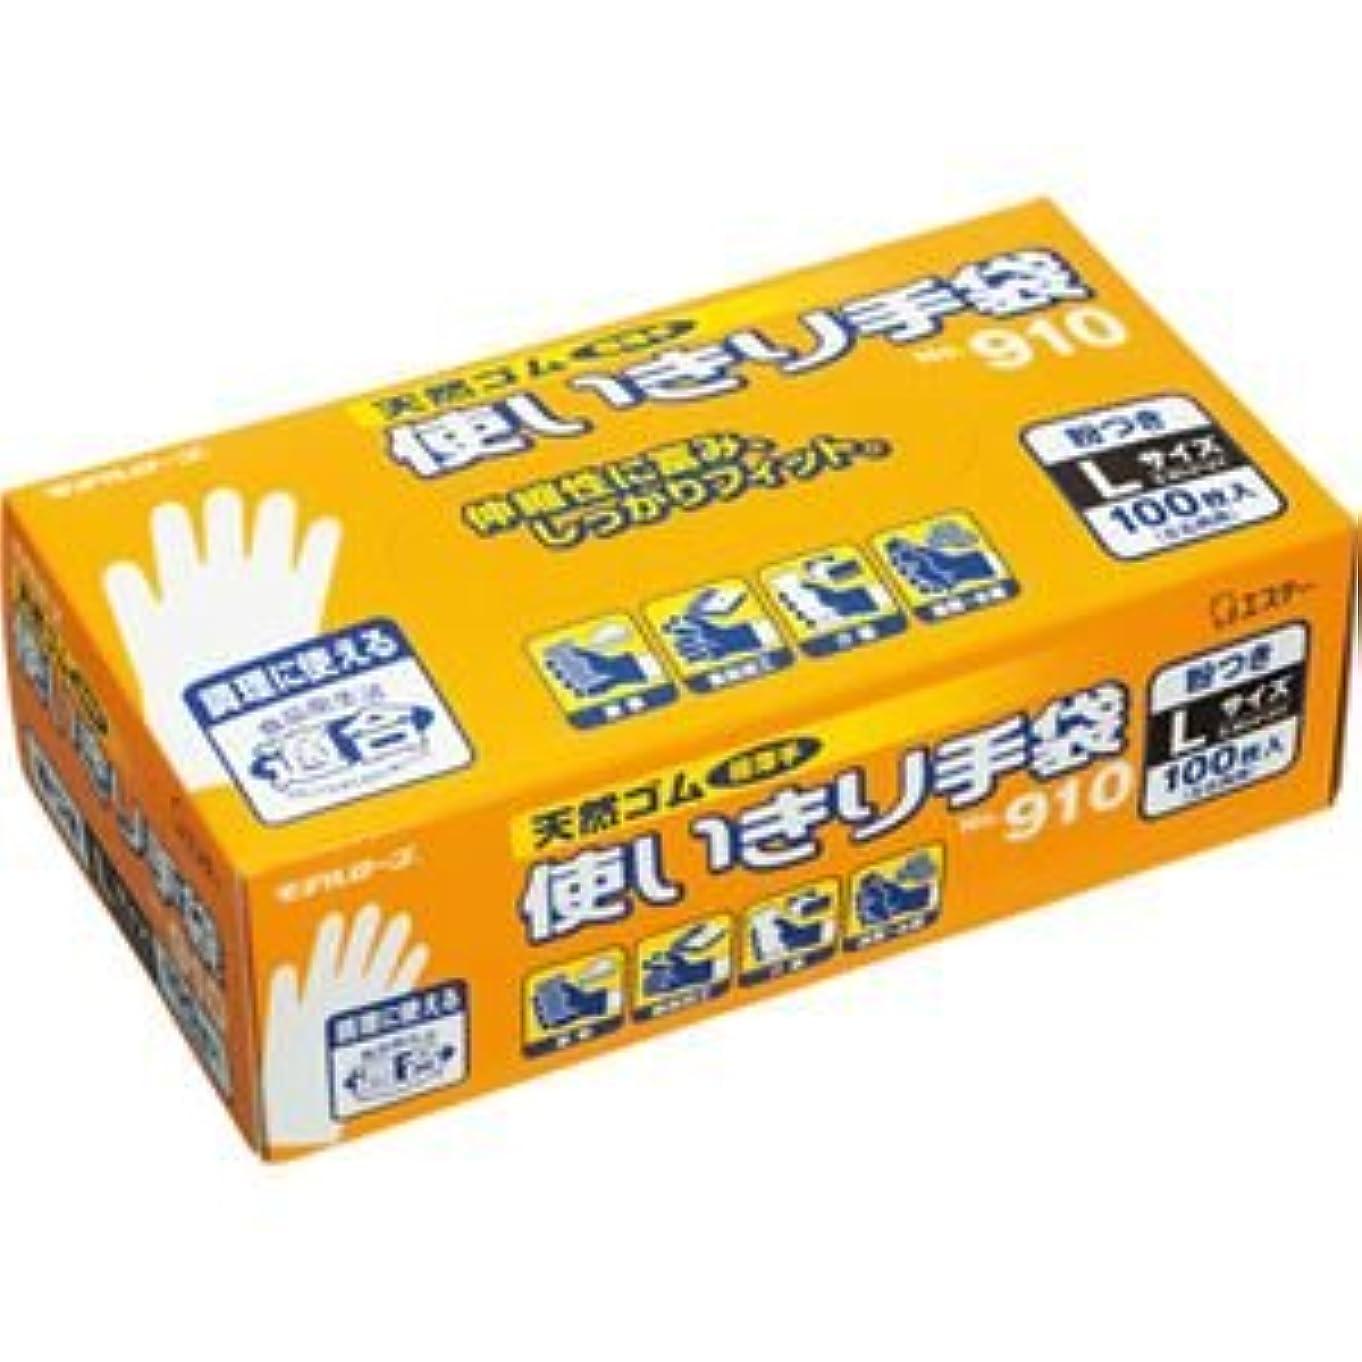 エステート悪化させる文言(まとめ) エステー No.910 天然ゴム使いきり手袋(粉付) L 1箱(100枚) 【×5セット